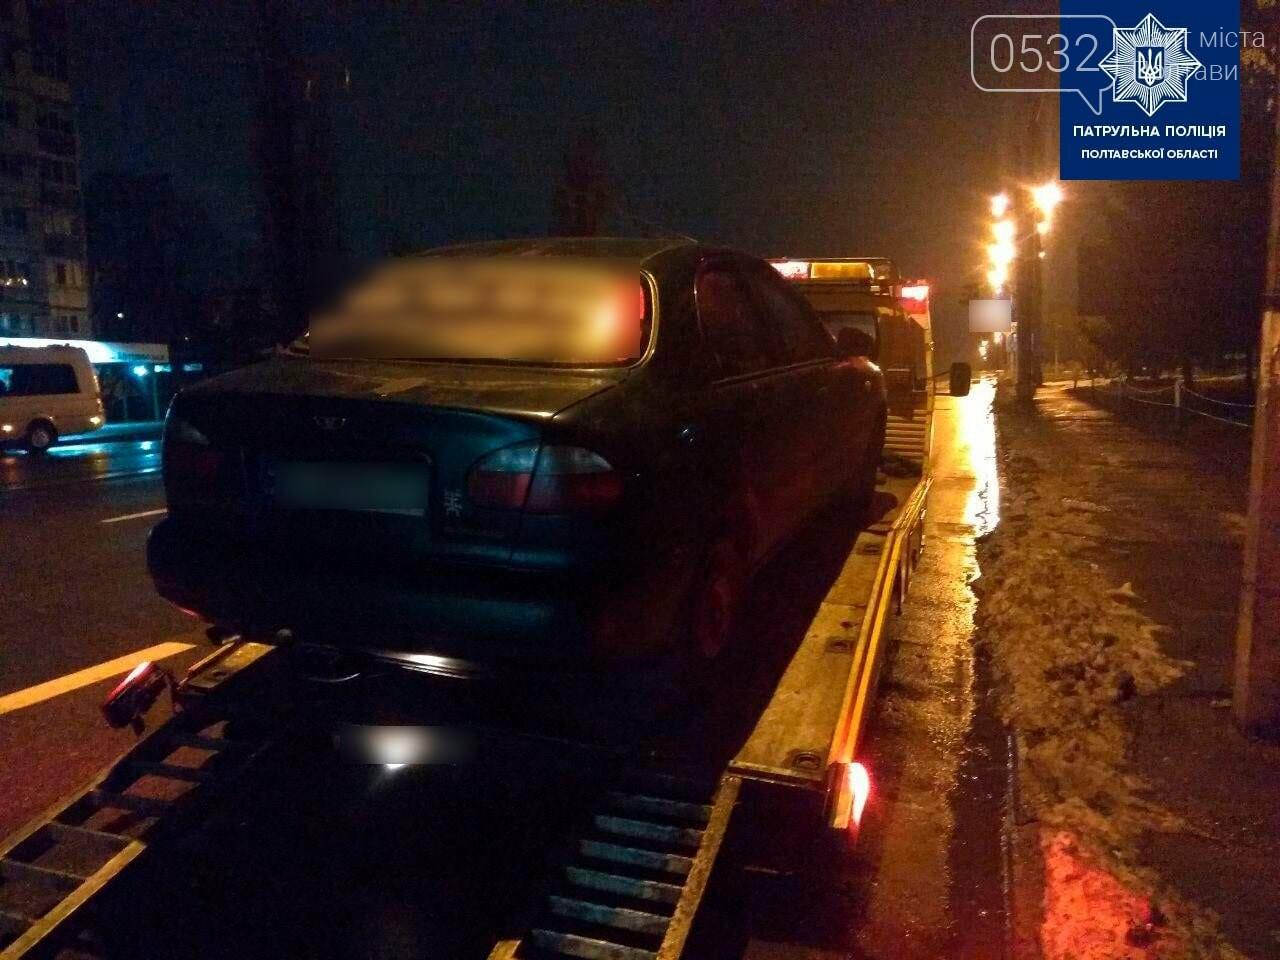 У Полтаві на Кагамлика поліцейські зупинили п'яного водія без прав, фото-3